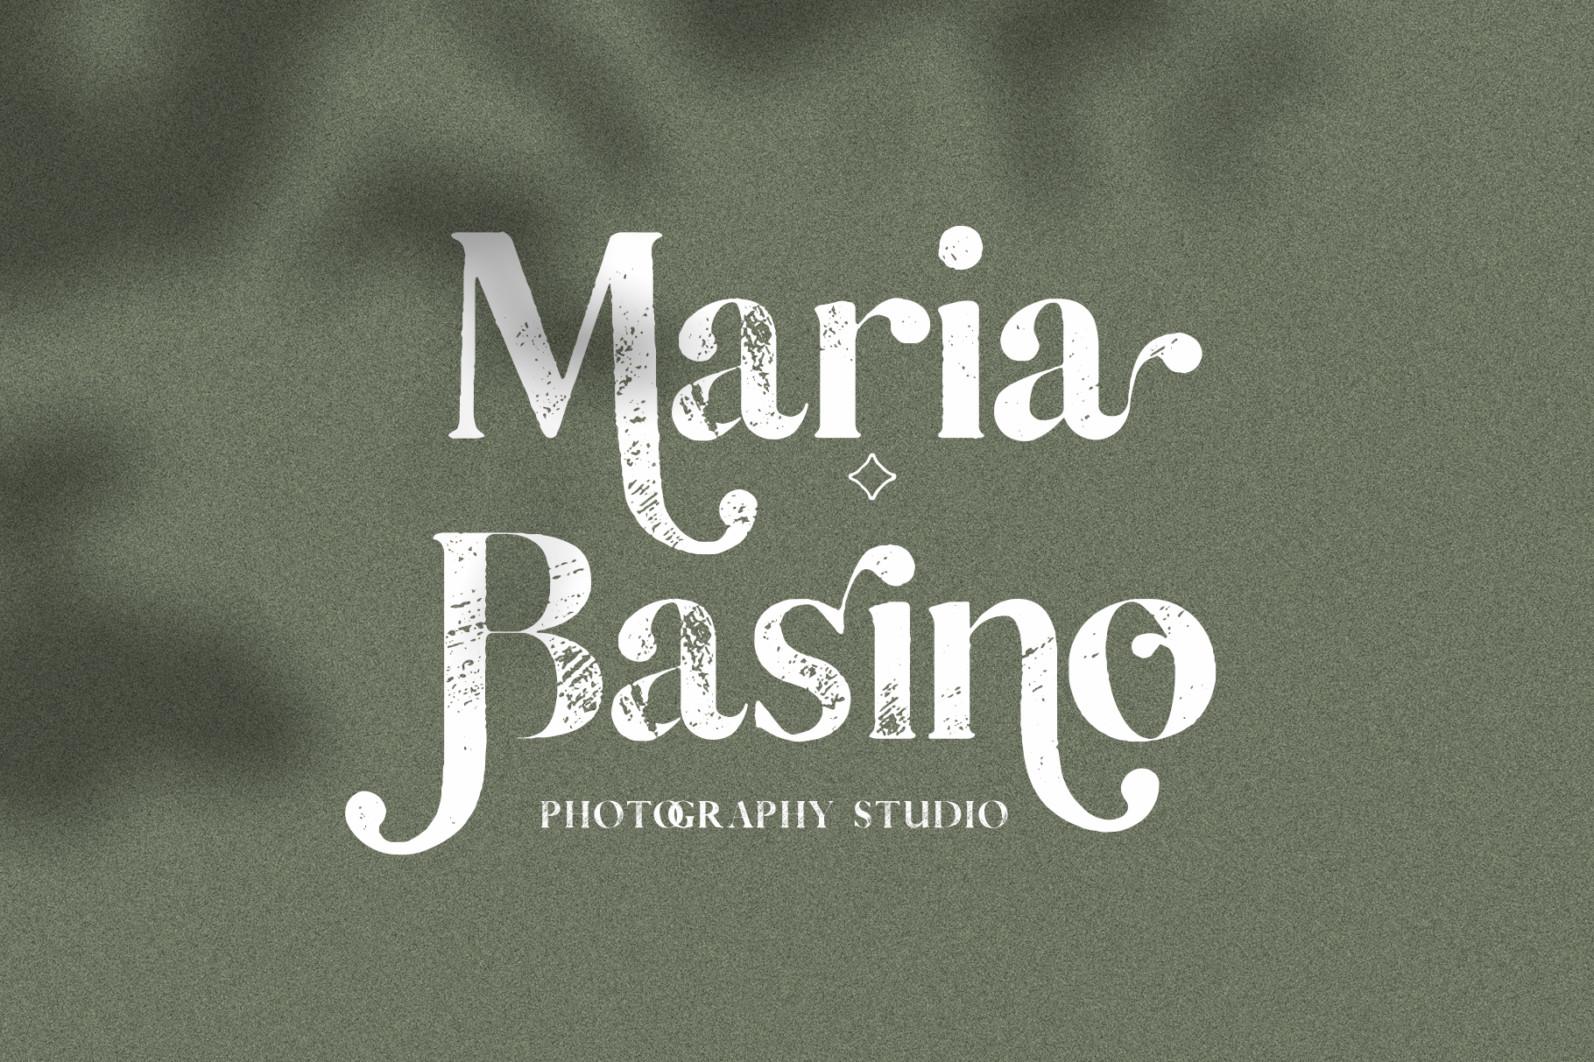 Vicky Christina - Vintage Serif Font - 15 vicky christina vintage ligature serif by silver stag -